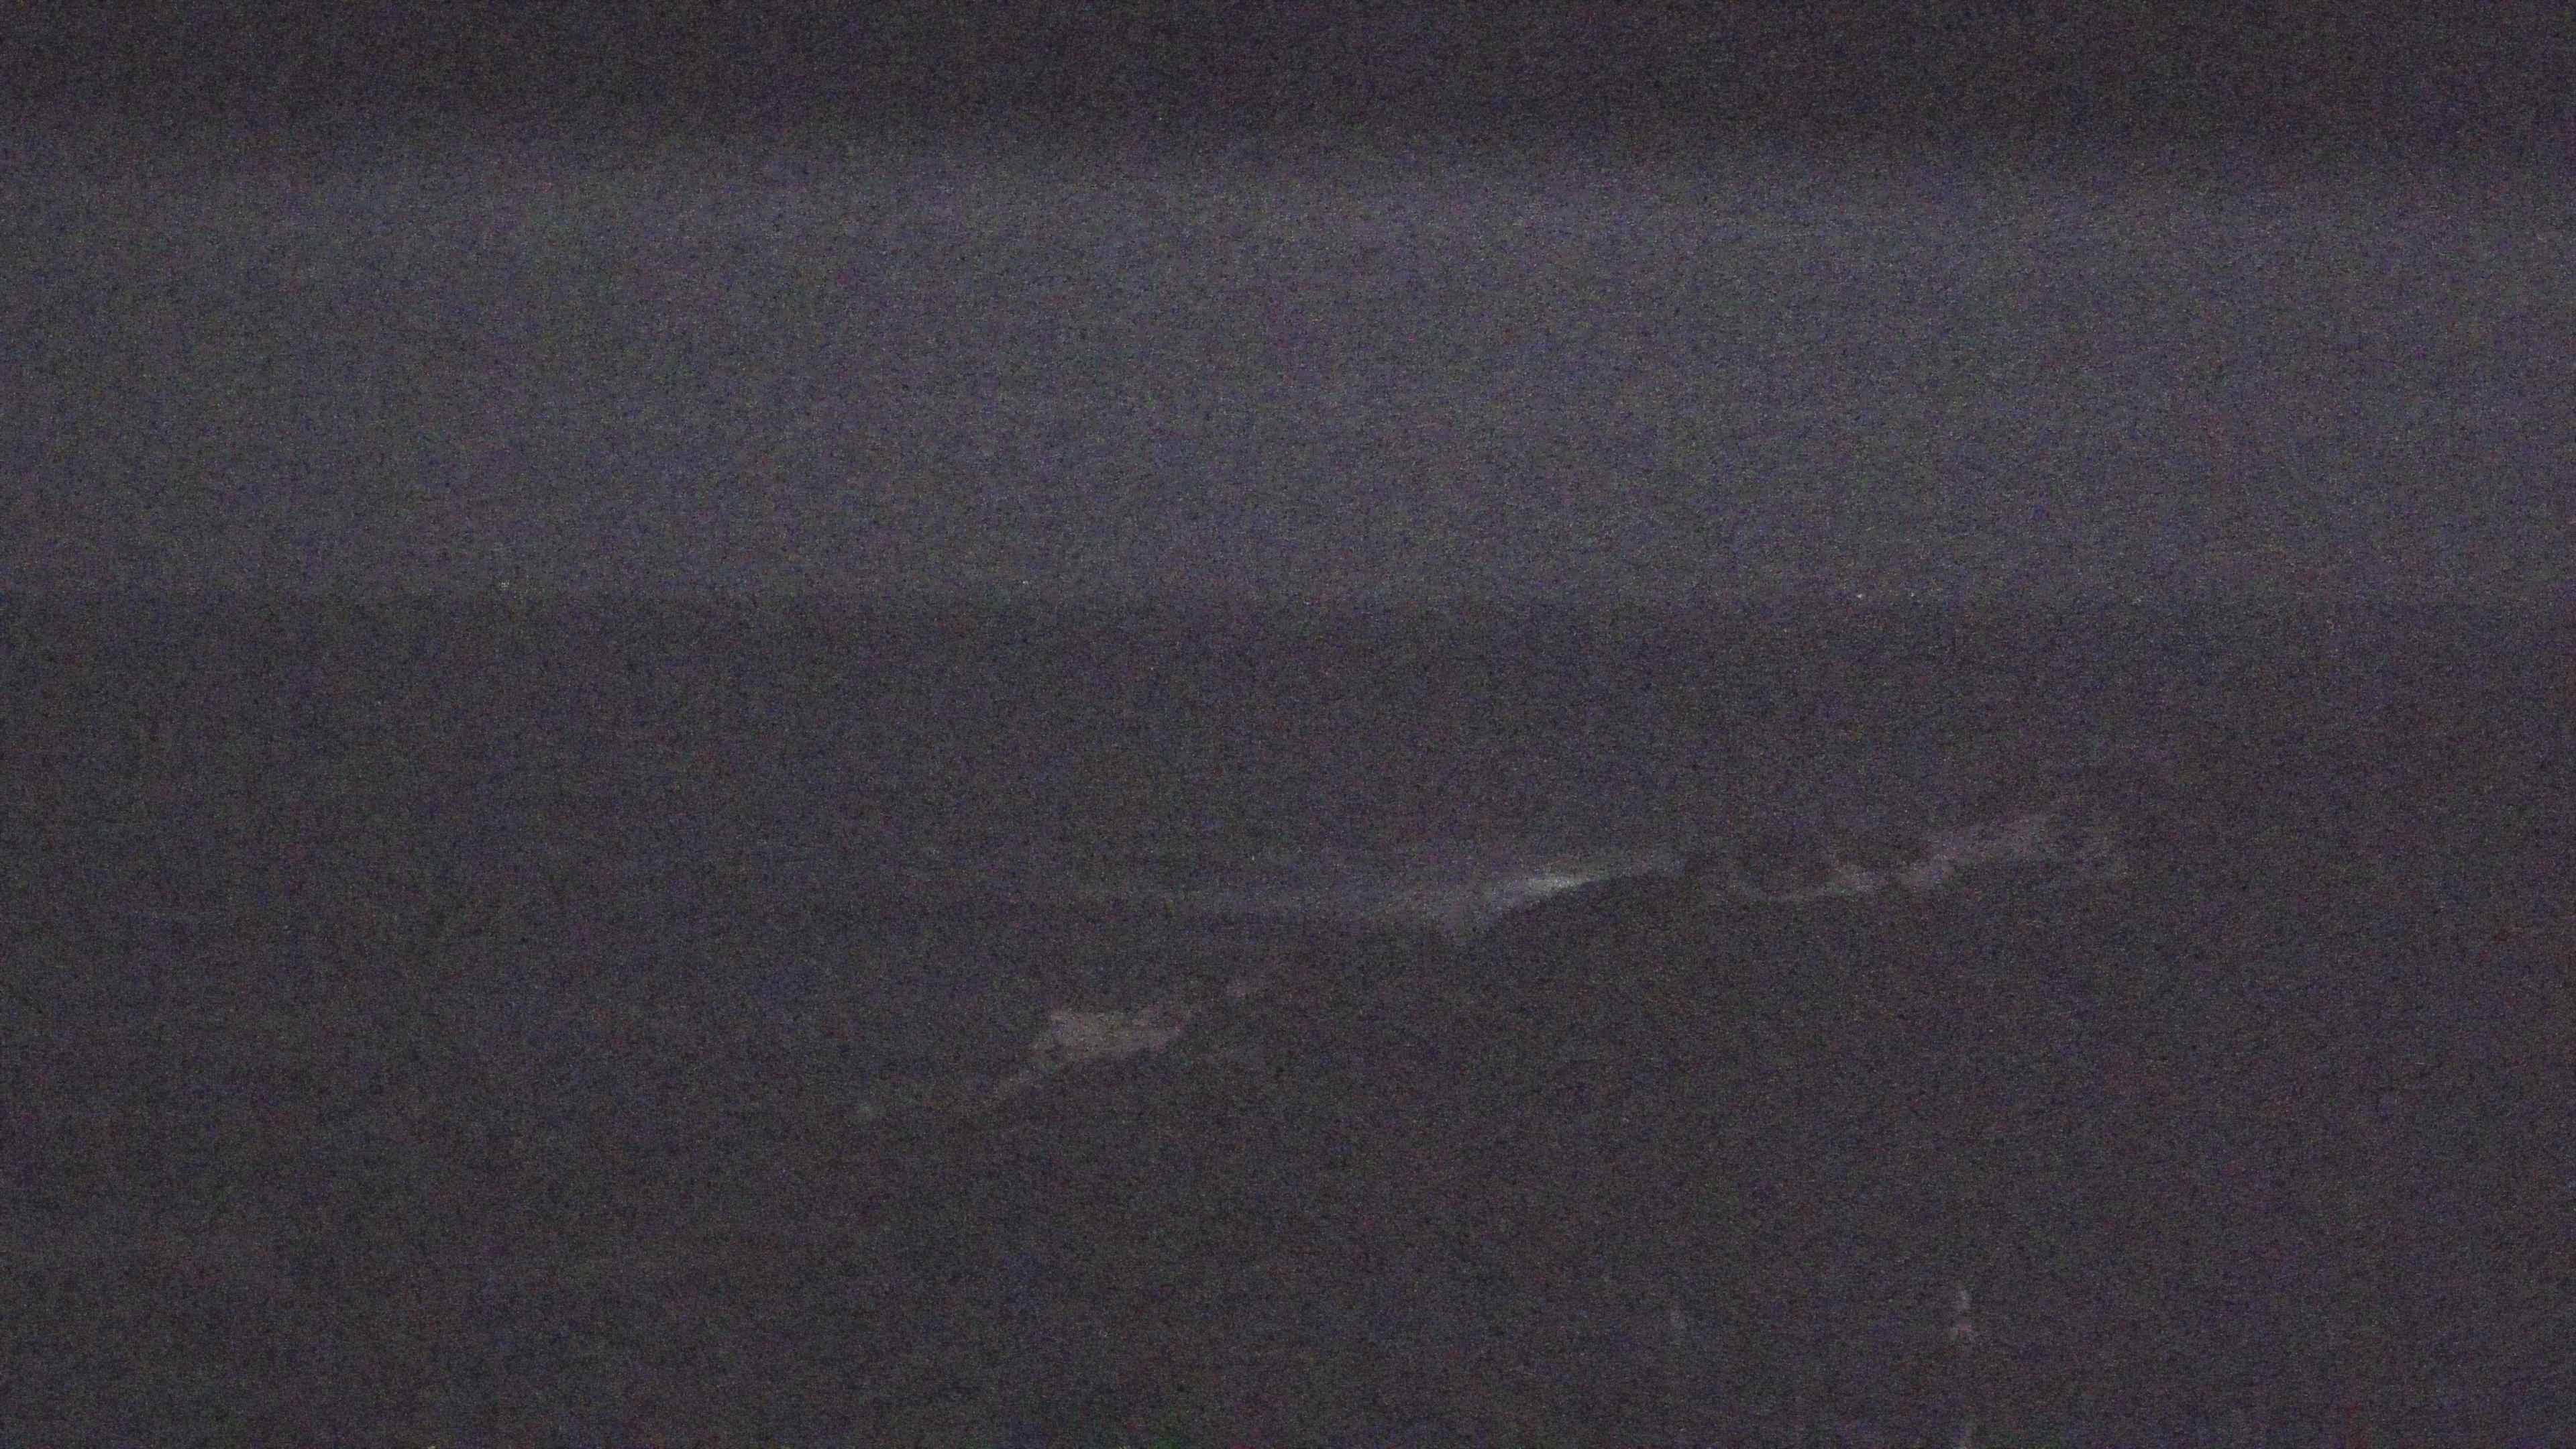 Margaret River surfcam still image